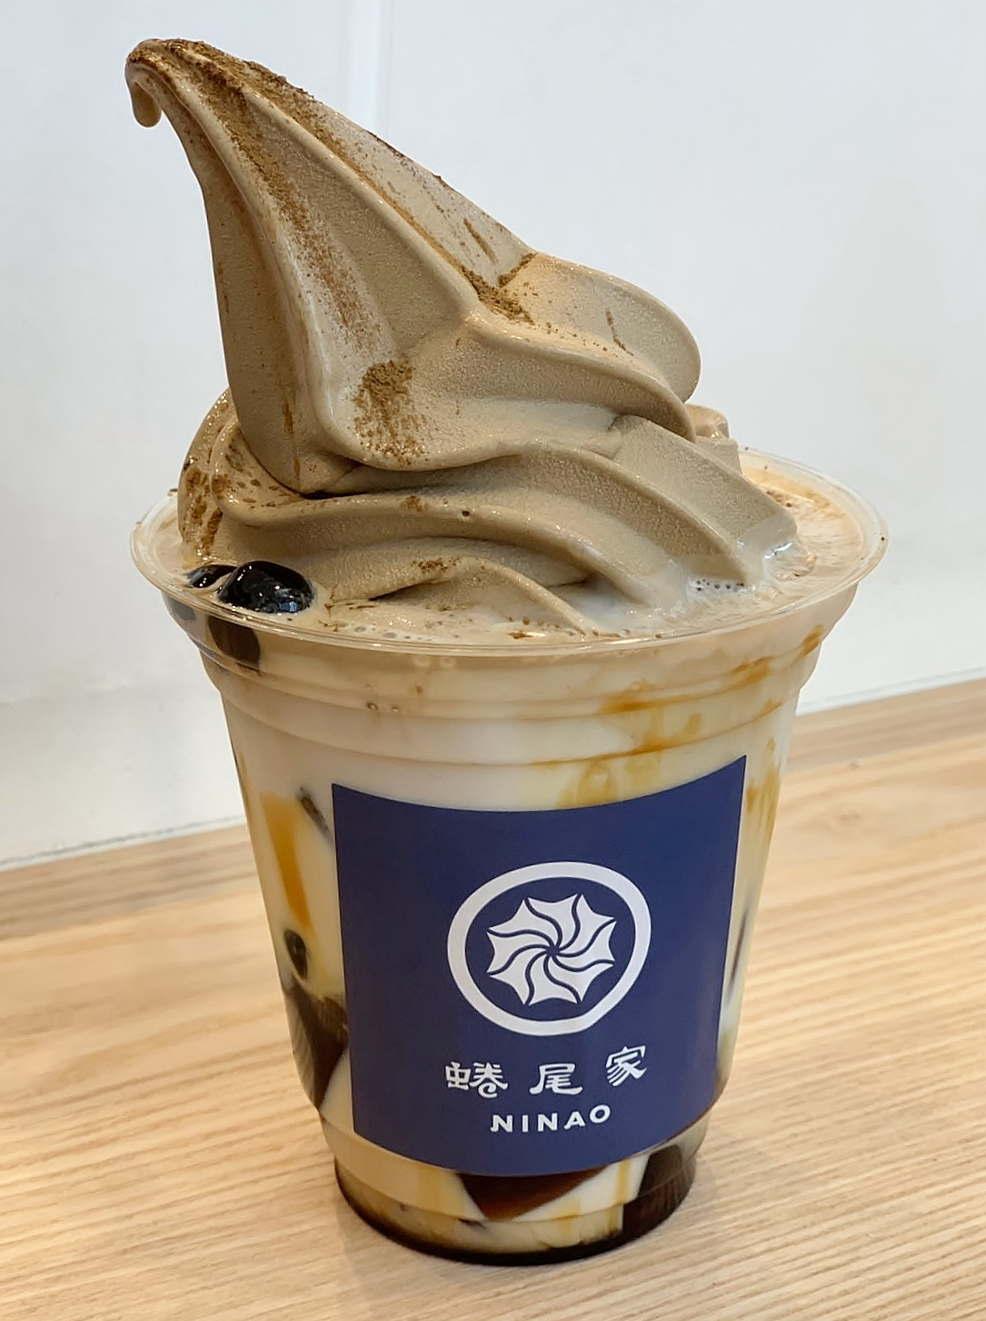 麻布十番店オープン記念フレーバー東方美人茶フロート